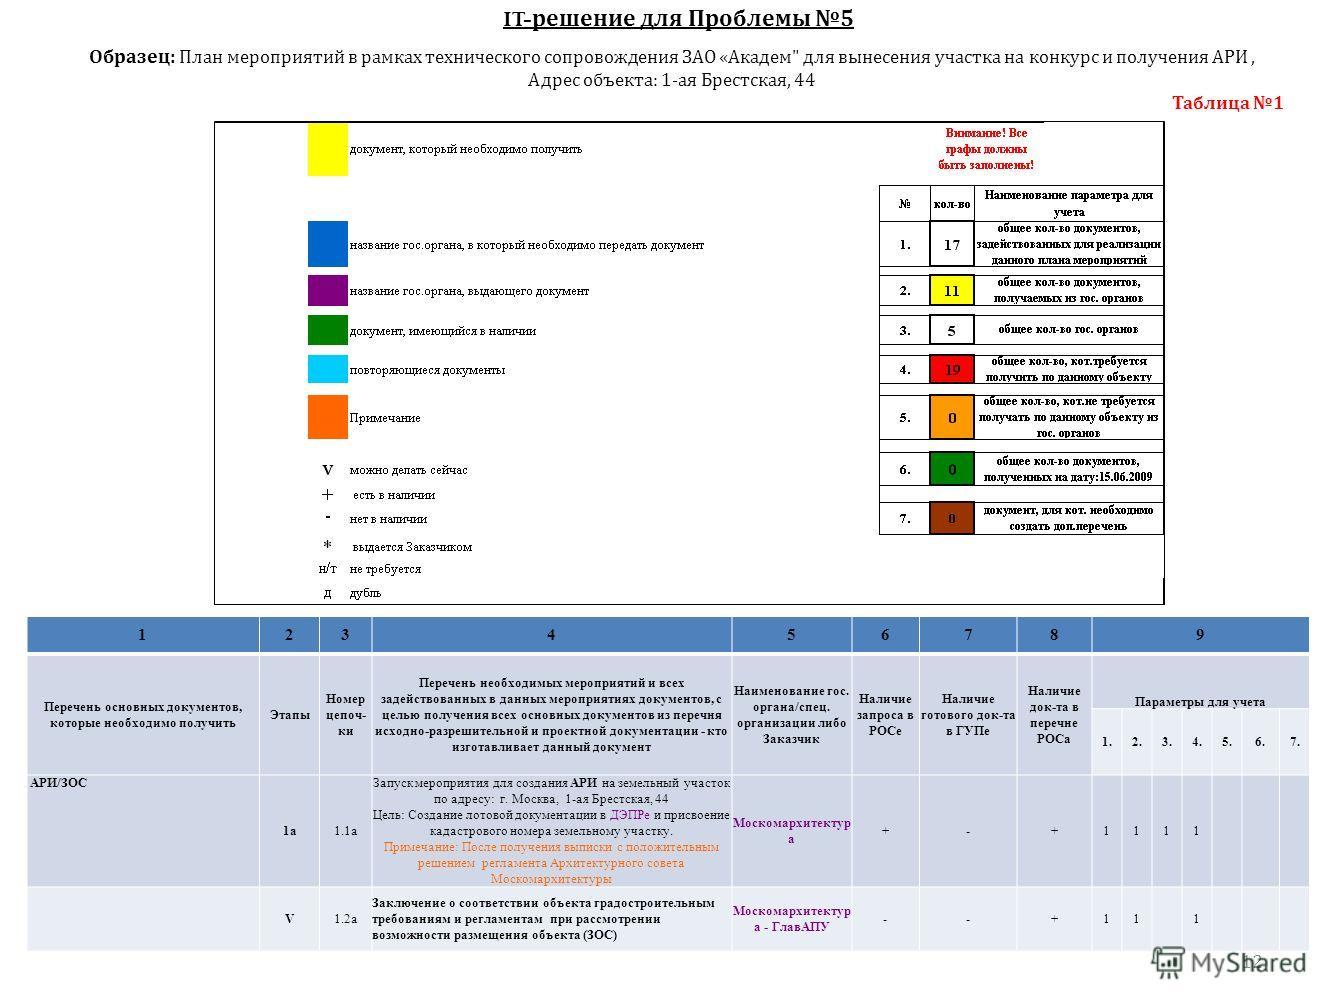 12 123456789 Перечень основных документов, которые необходимо получить Этапы Номер цепоч- ки Перечень необходимых мероприятий и всех задействованных в данных мероприятиях документов, с целью получения всех основных документов из перечня исходно-разре